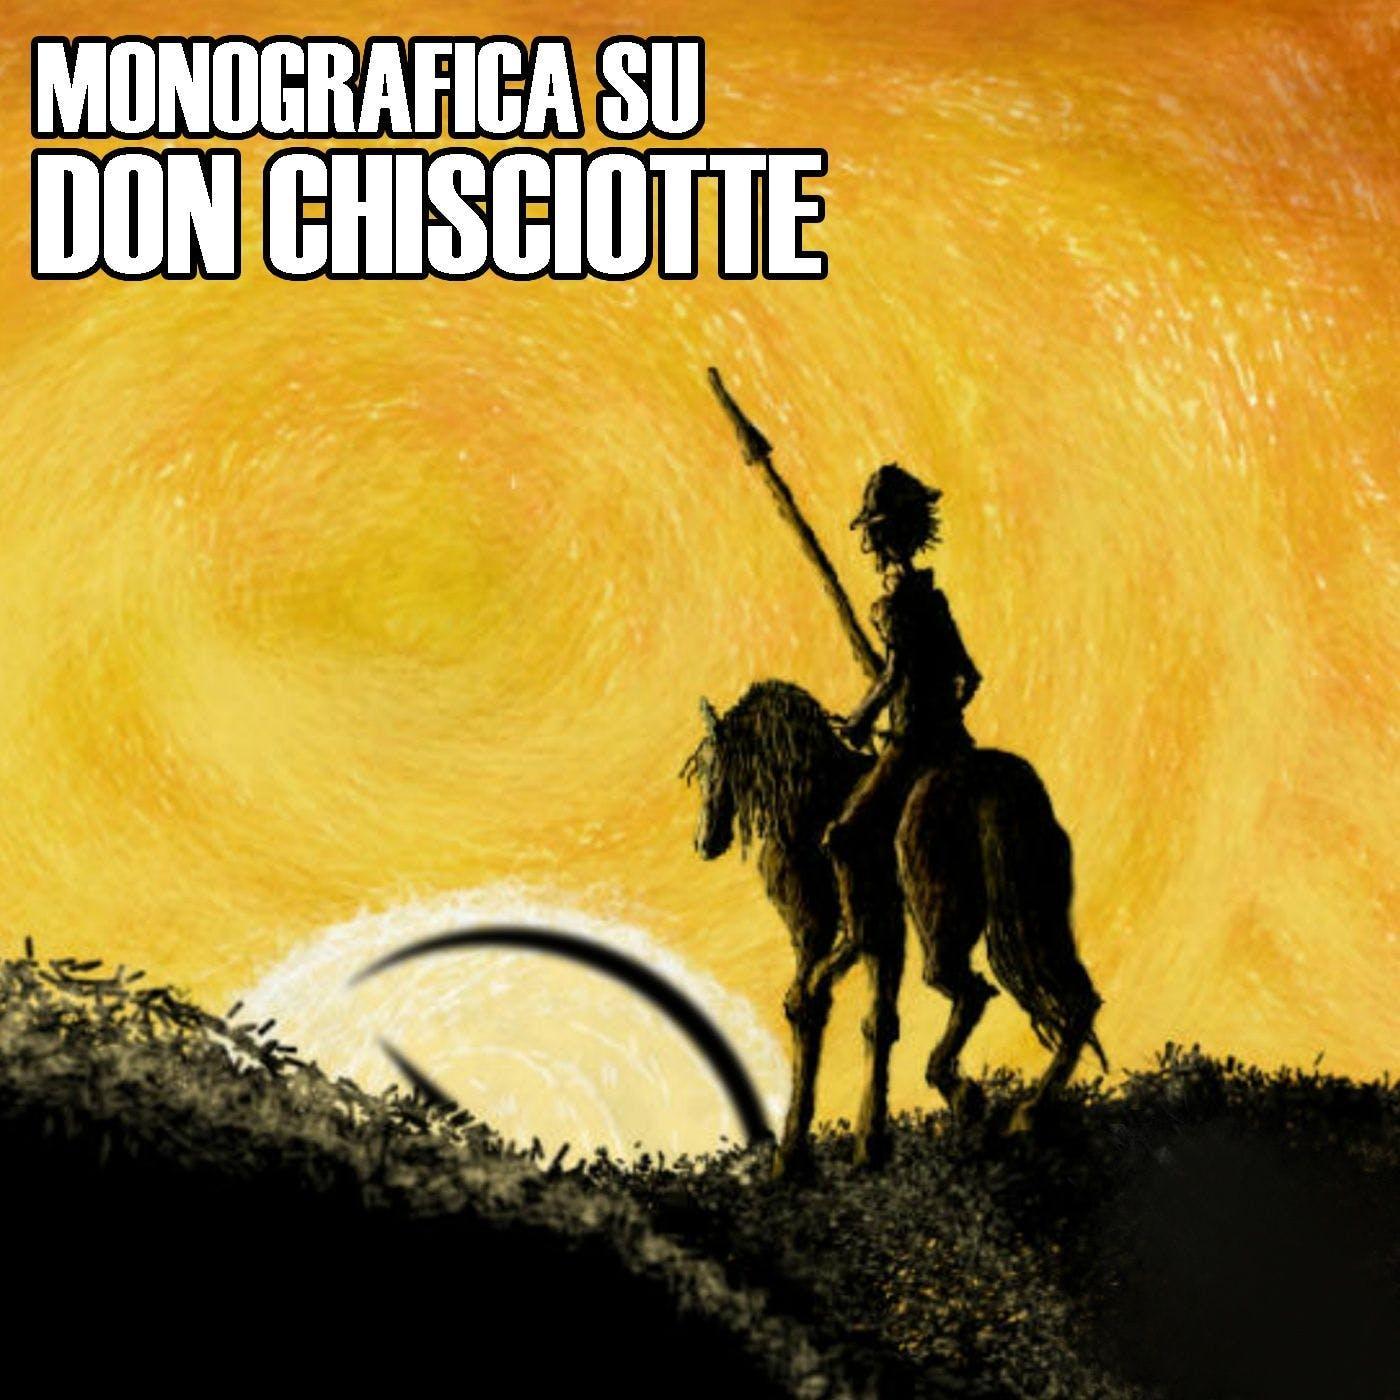 Monografia sul DON CHISCIOTTE